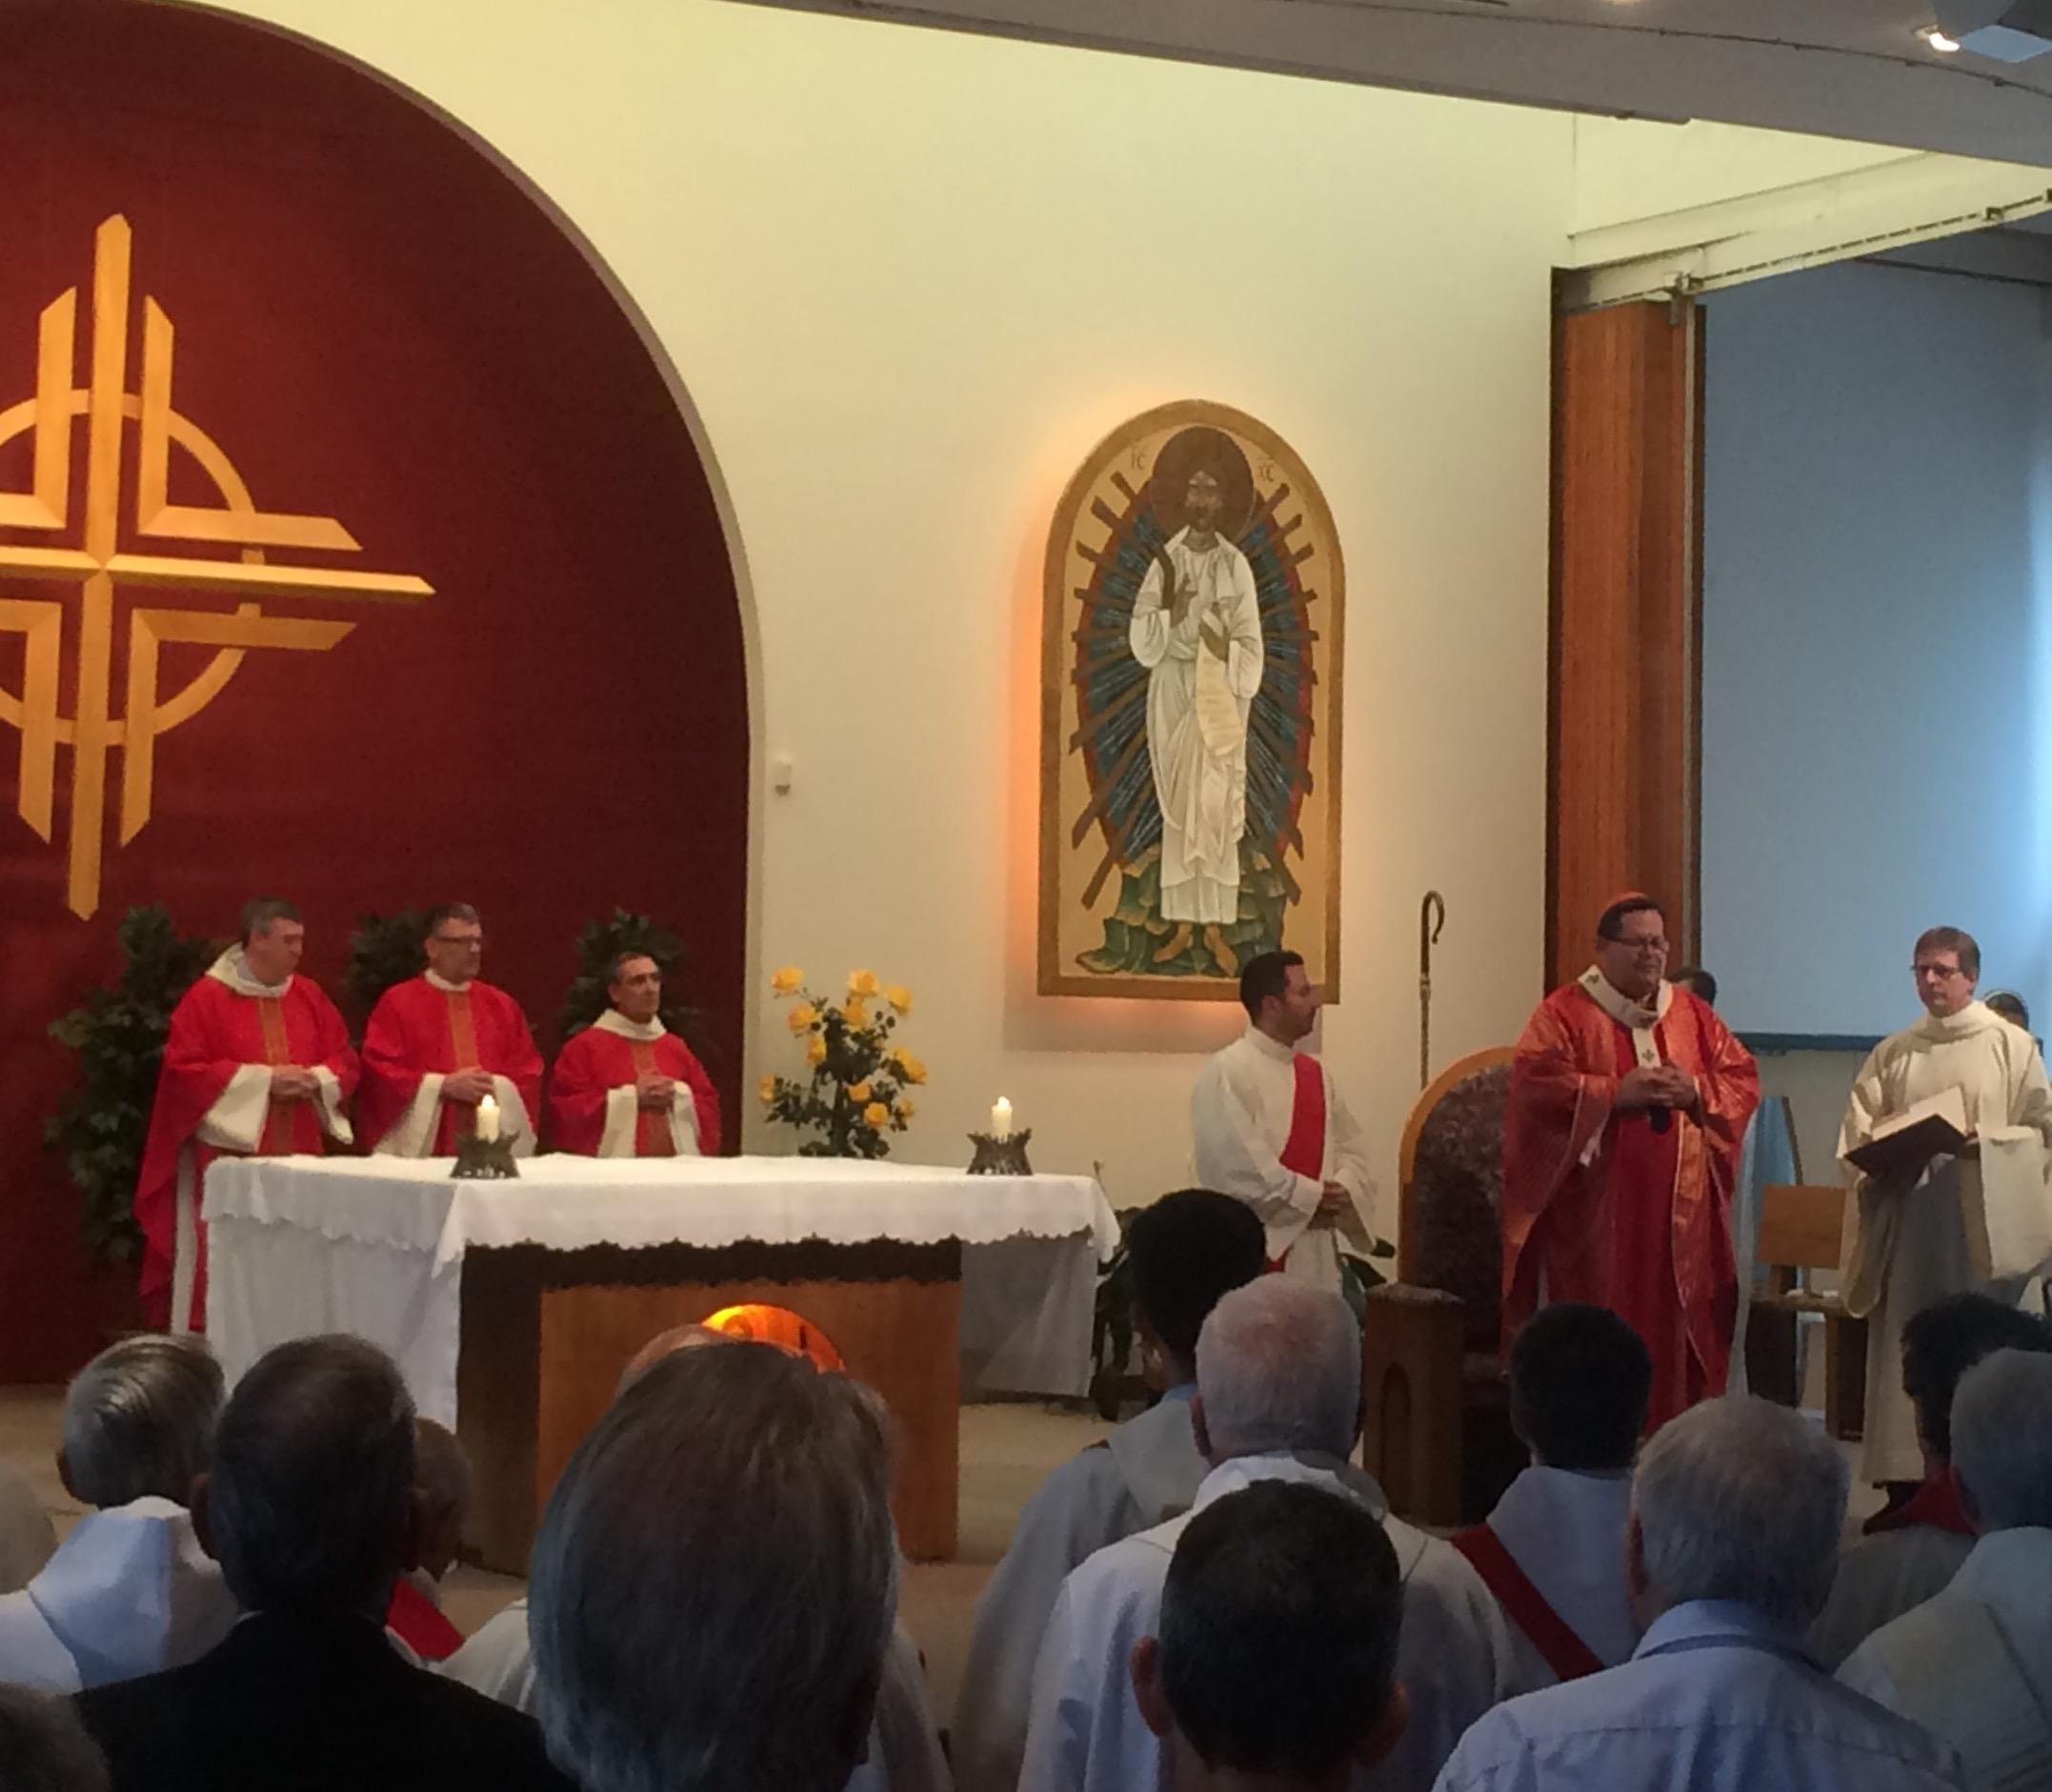 La concélébration lors du lancement de l'Année pastorale à Québec le 14 septembre 2016 (Crédits photo : H. Giguère)